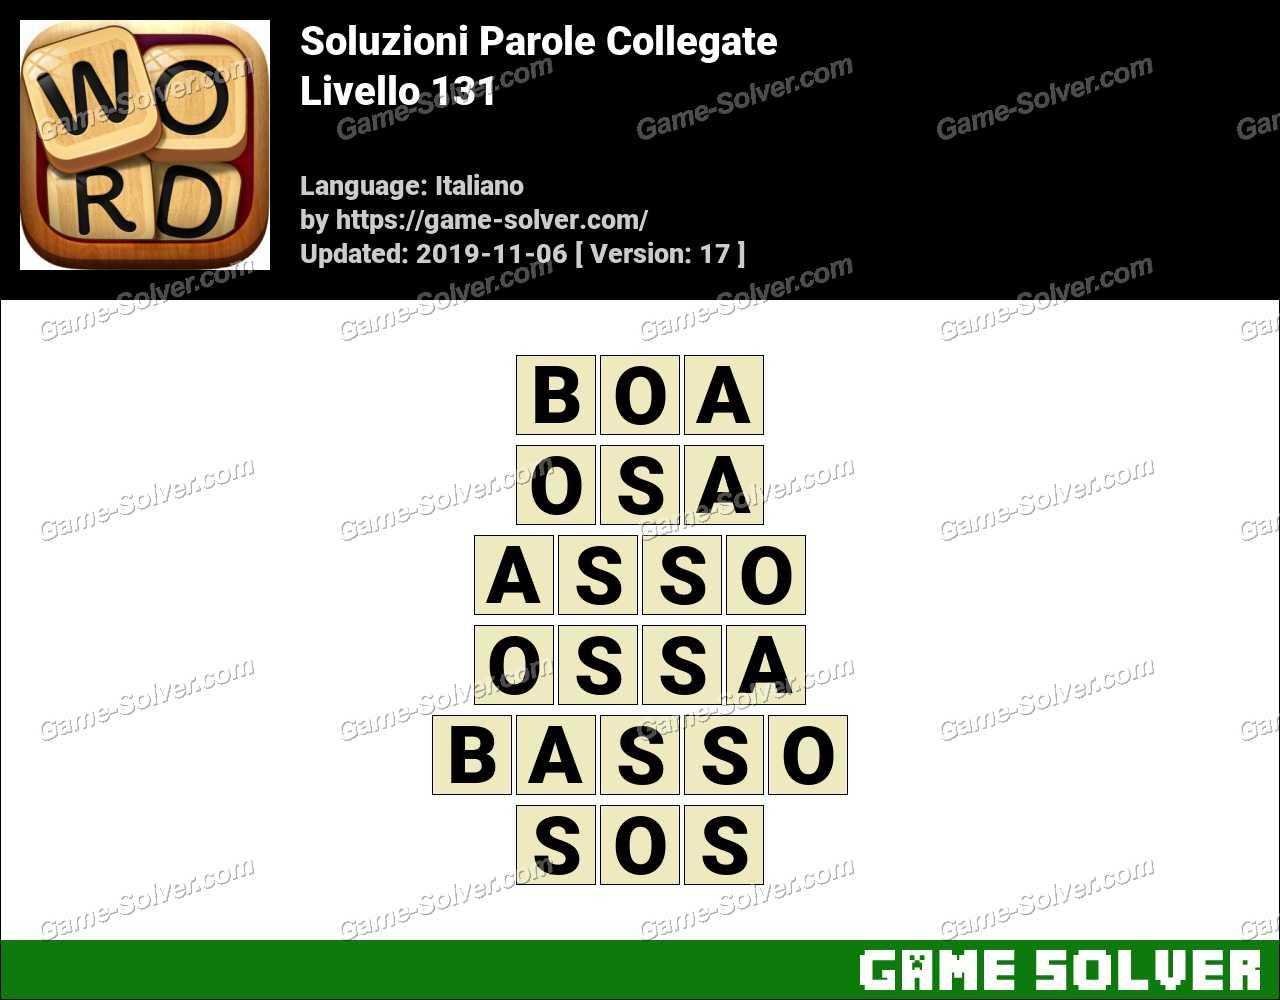 Soluzioni Parole Collegate Livello 131